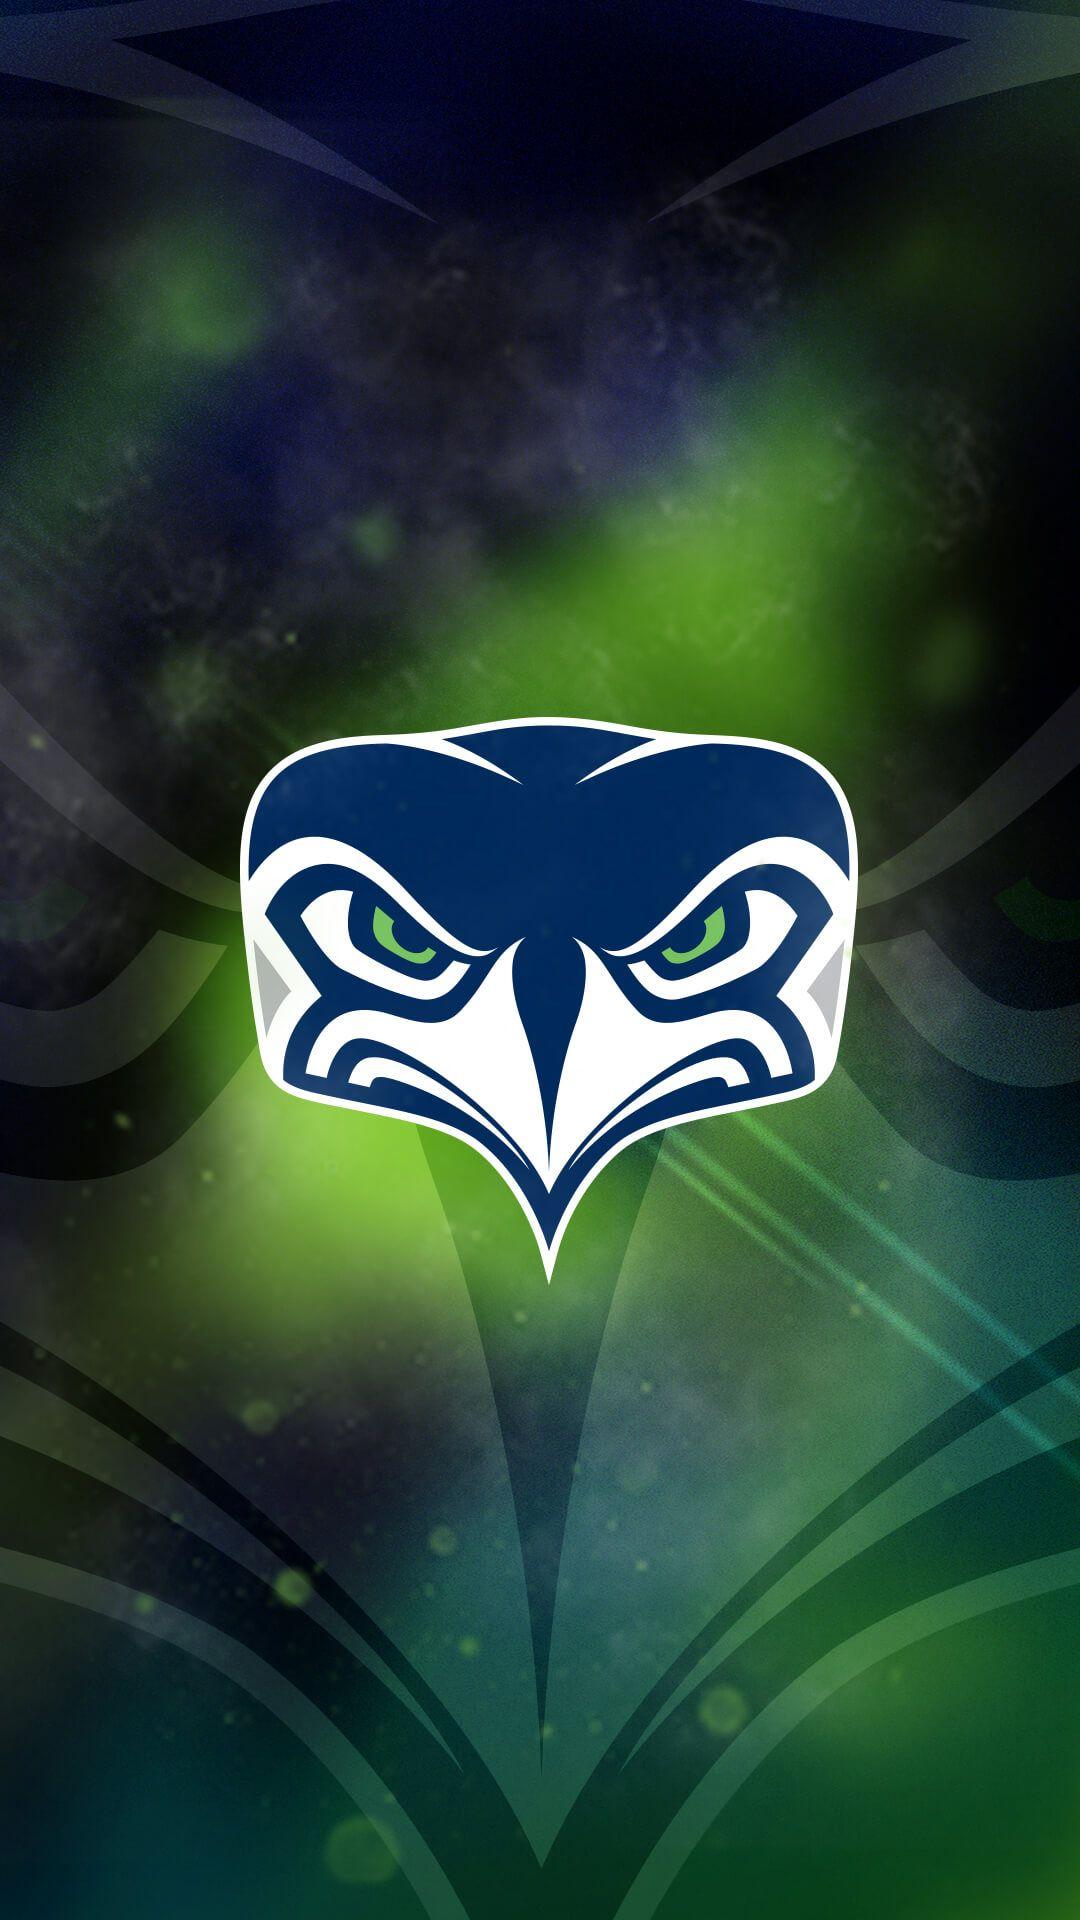 Seattle Seahawks Wallpaper in 2020 Green bay packers